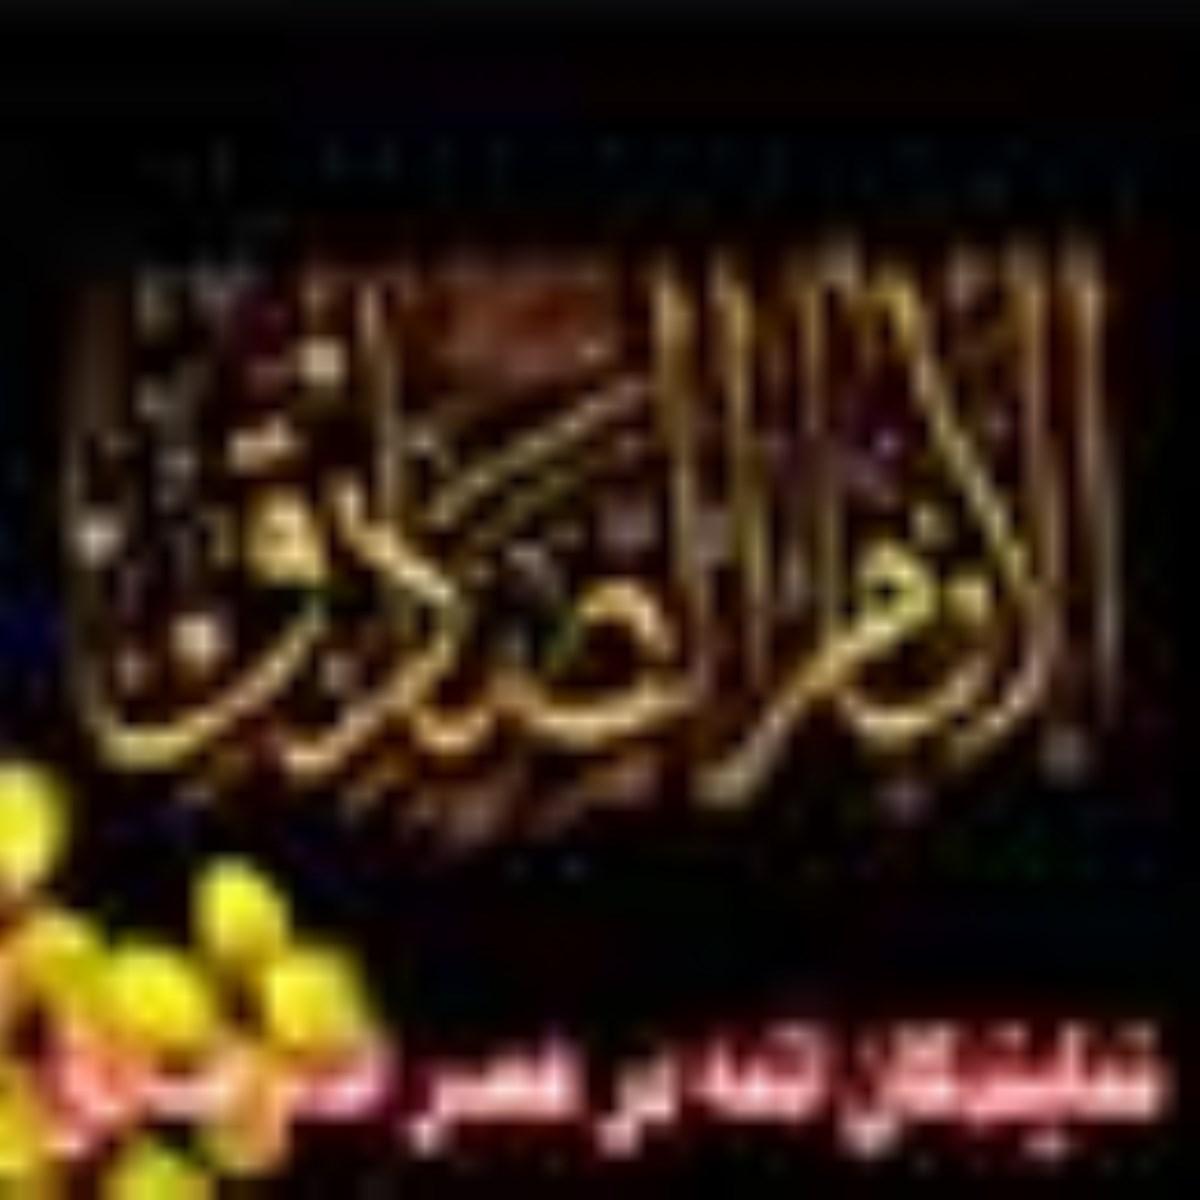 در ایران(از عصر امام صادق(علیه السلام) تا پایان غیبت صغری) 